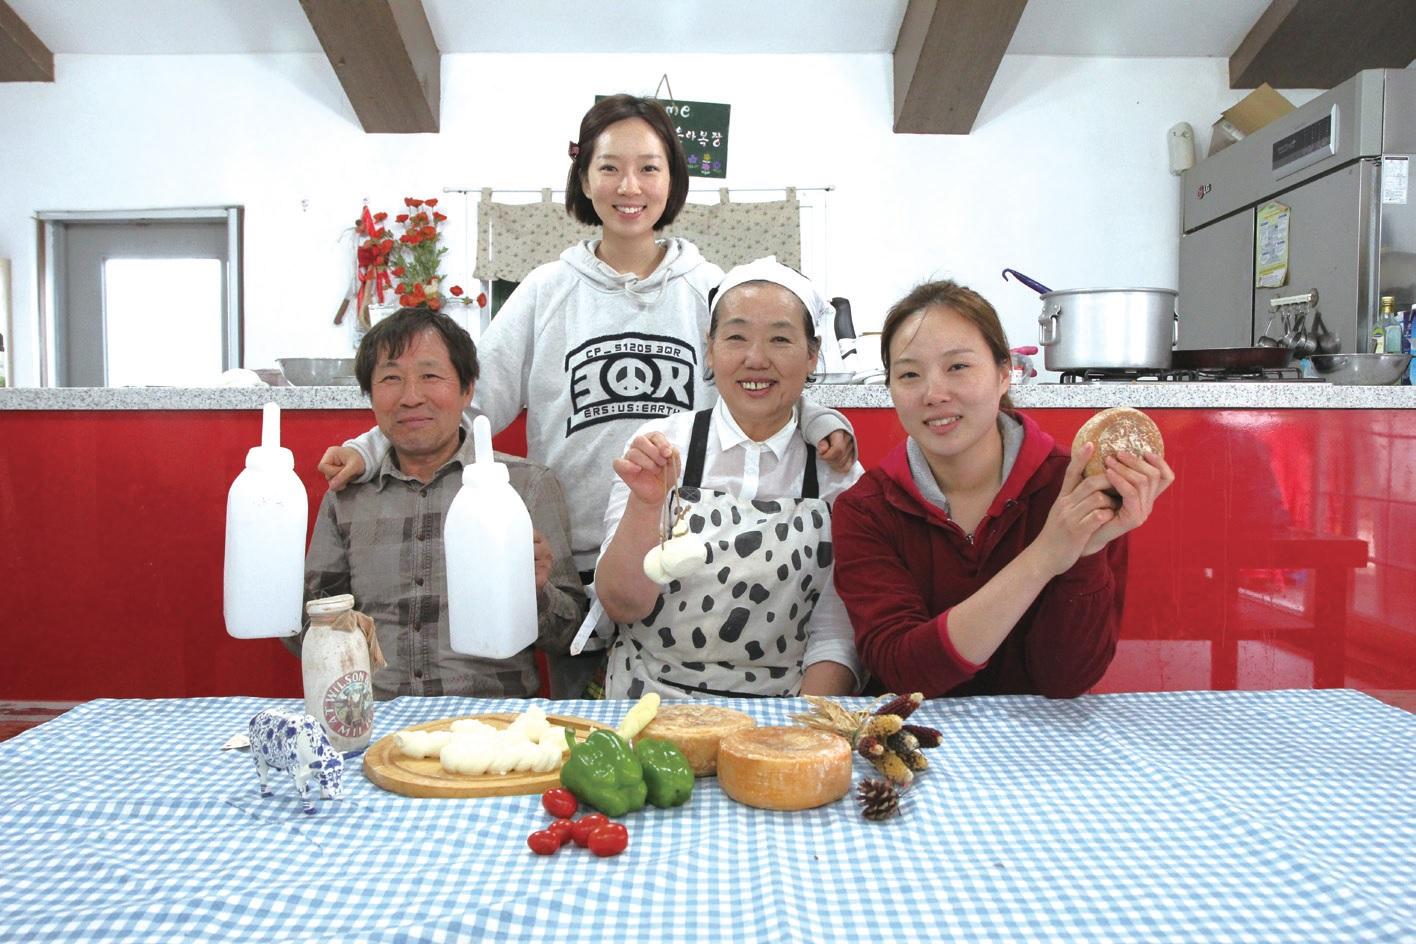 은아목장의 볼거리는 다름 아닌 가족이다. 남편 김상덕 씨와 큰딸 지은 씨(왼쪽 두번째), 작은딸 지아 씨(맨 오른쪽).